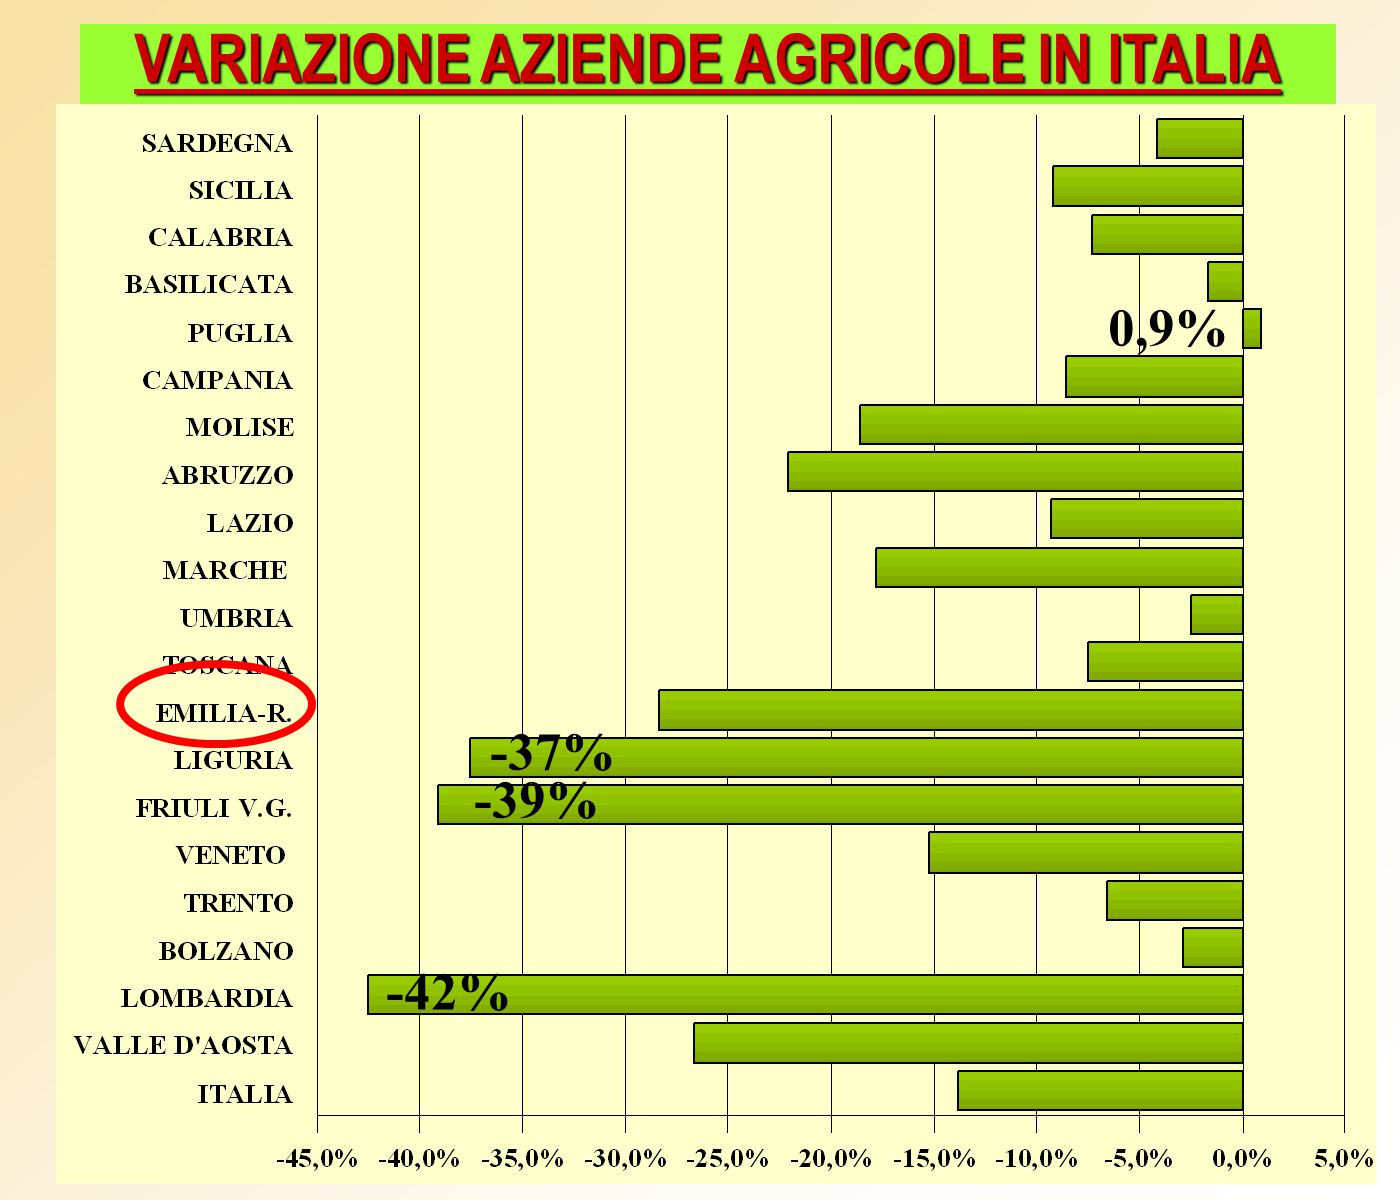 VARIAZIONE AZIENDE CON SUINI VARIAZIONE CAPI SUINI -63%-57% +64% -28% +55% -61% -20%